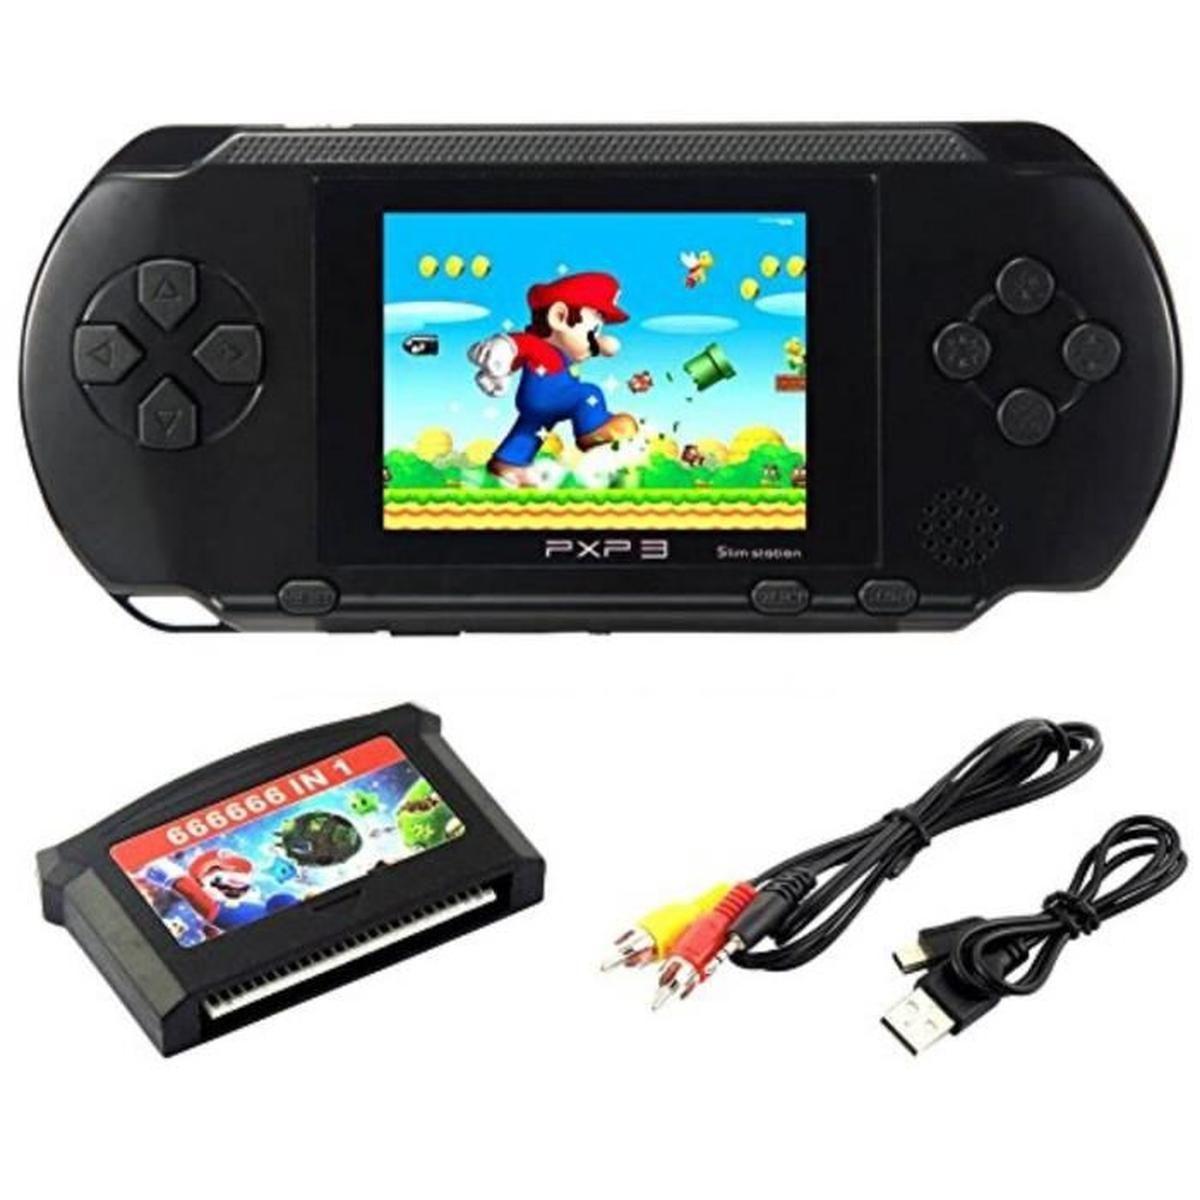 """Console De Jeu Pour Ordinateur Portable Lcd 2,7 """"pxp 3 16Bit serapportantà Ordinateur Educatif 3 Ans"""